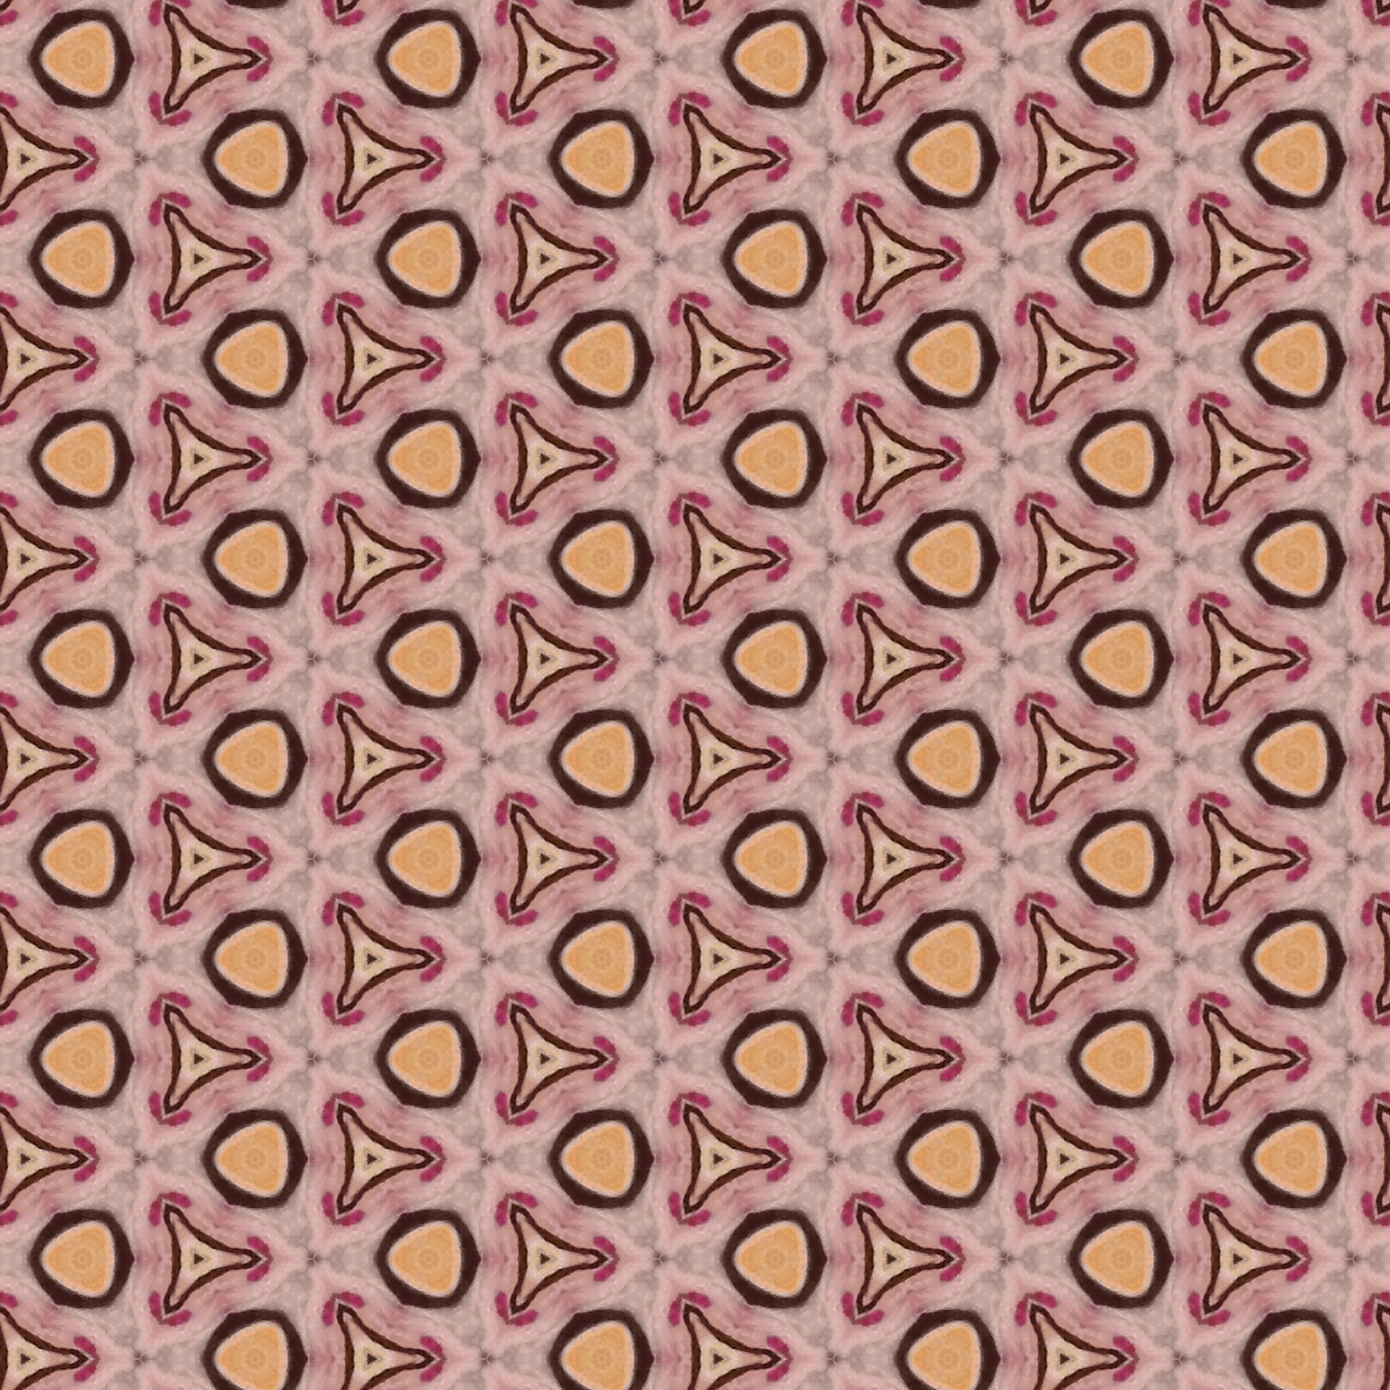 Fabric design _8161_10i